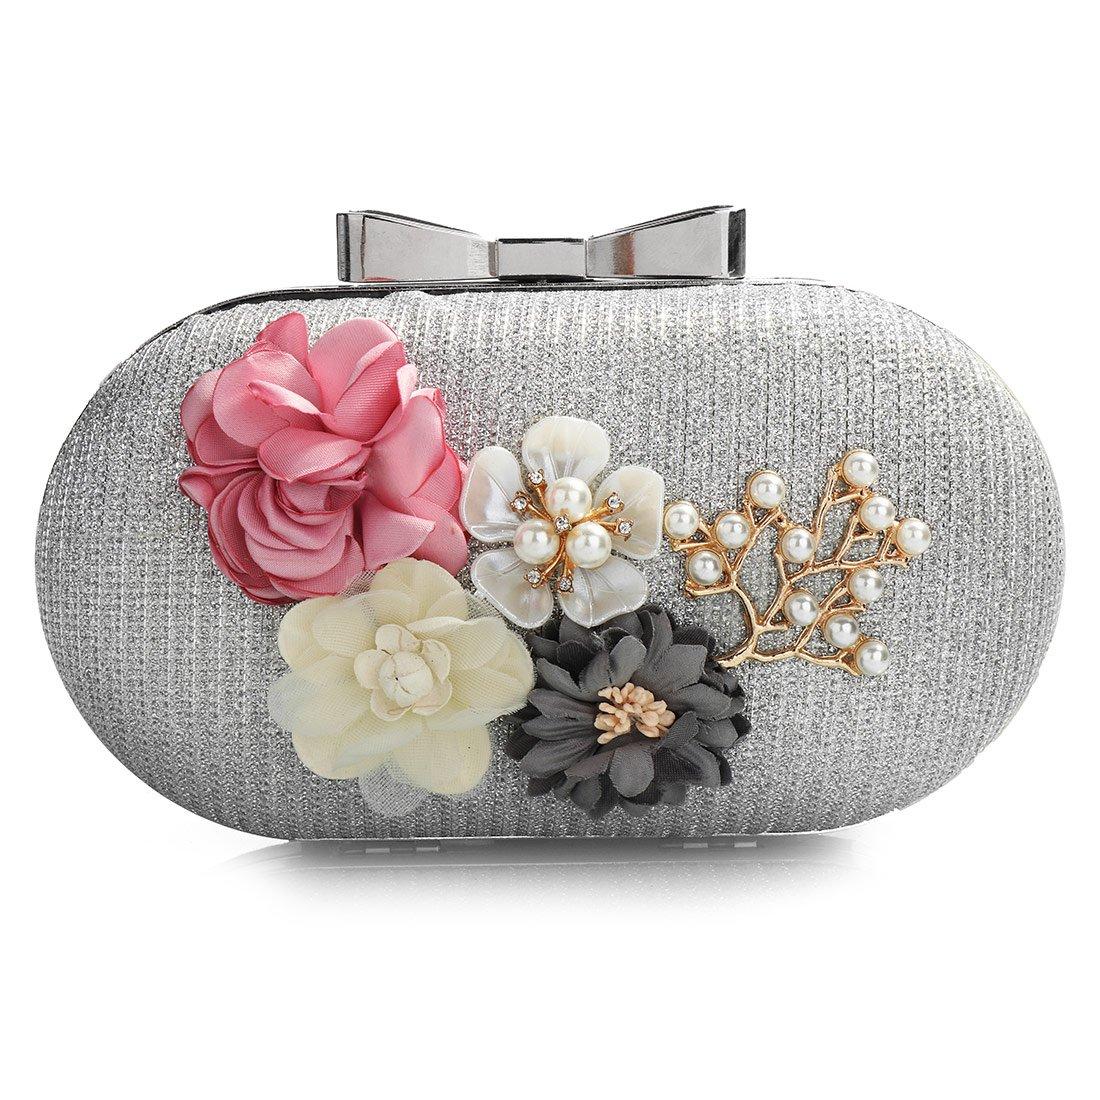 Flower Clutch Purses, Women Stylish Leather Pearl Rhinestone Evening Bag Floral Prom Bride Wedding Handbag (Silver)